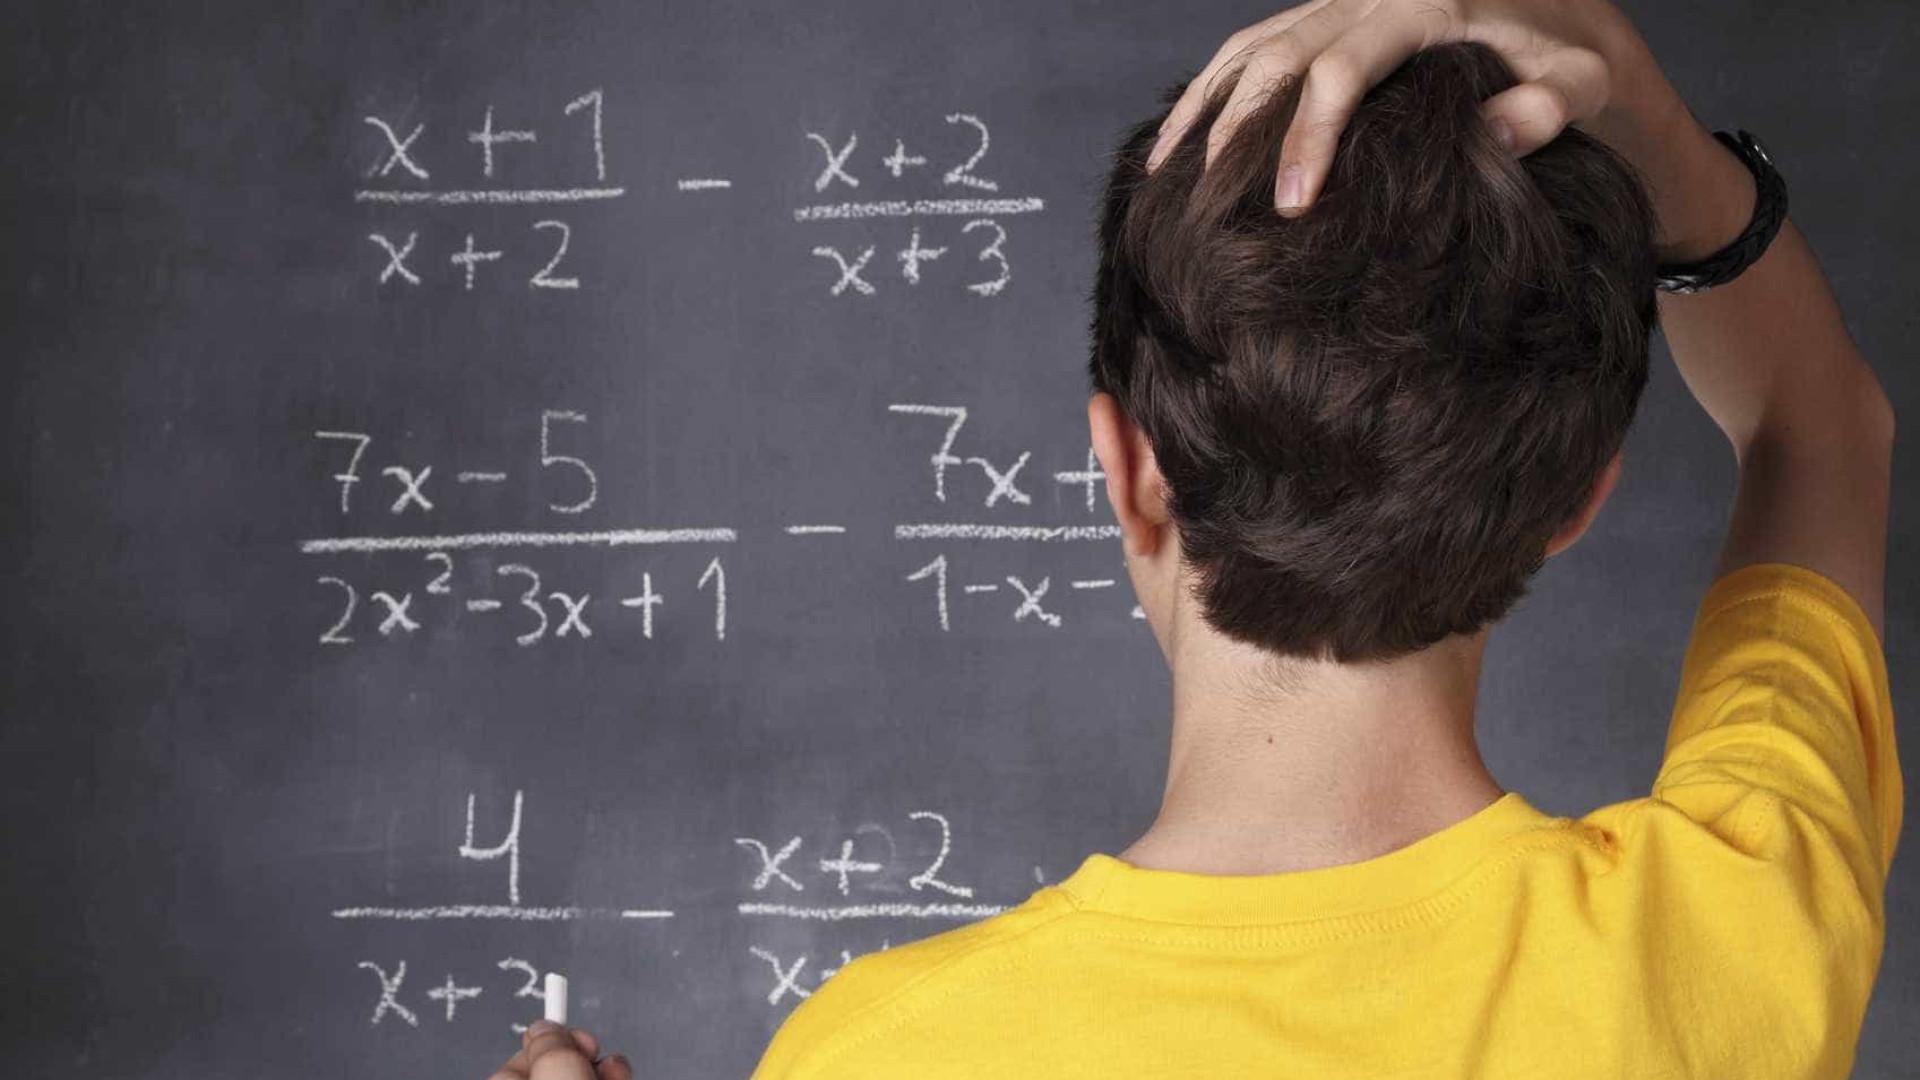 Alunos querem aulas mais interativas e mais curtas para aprender melhor